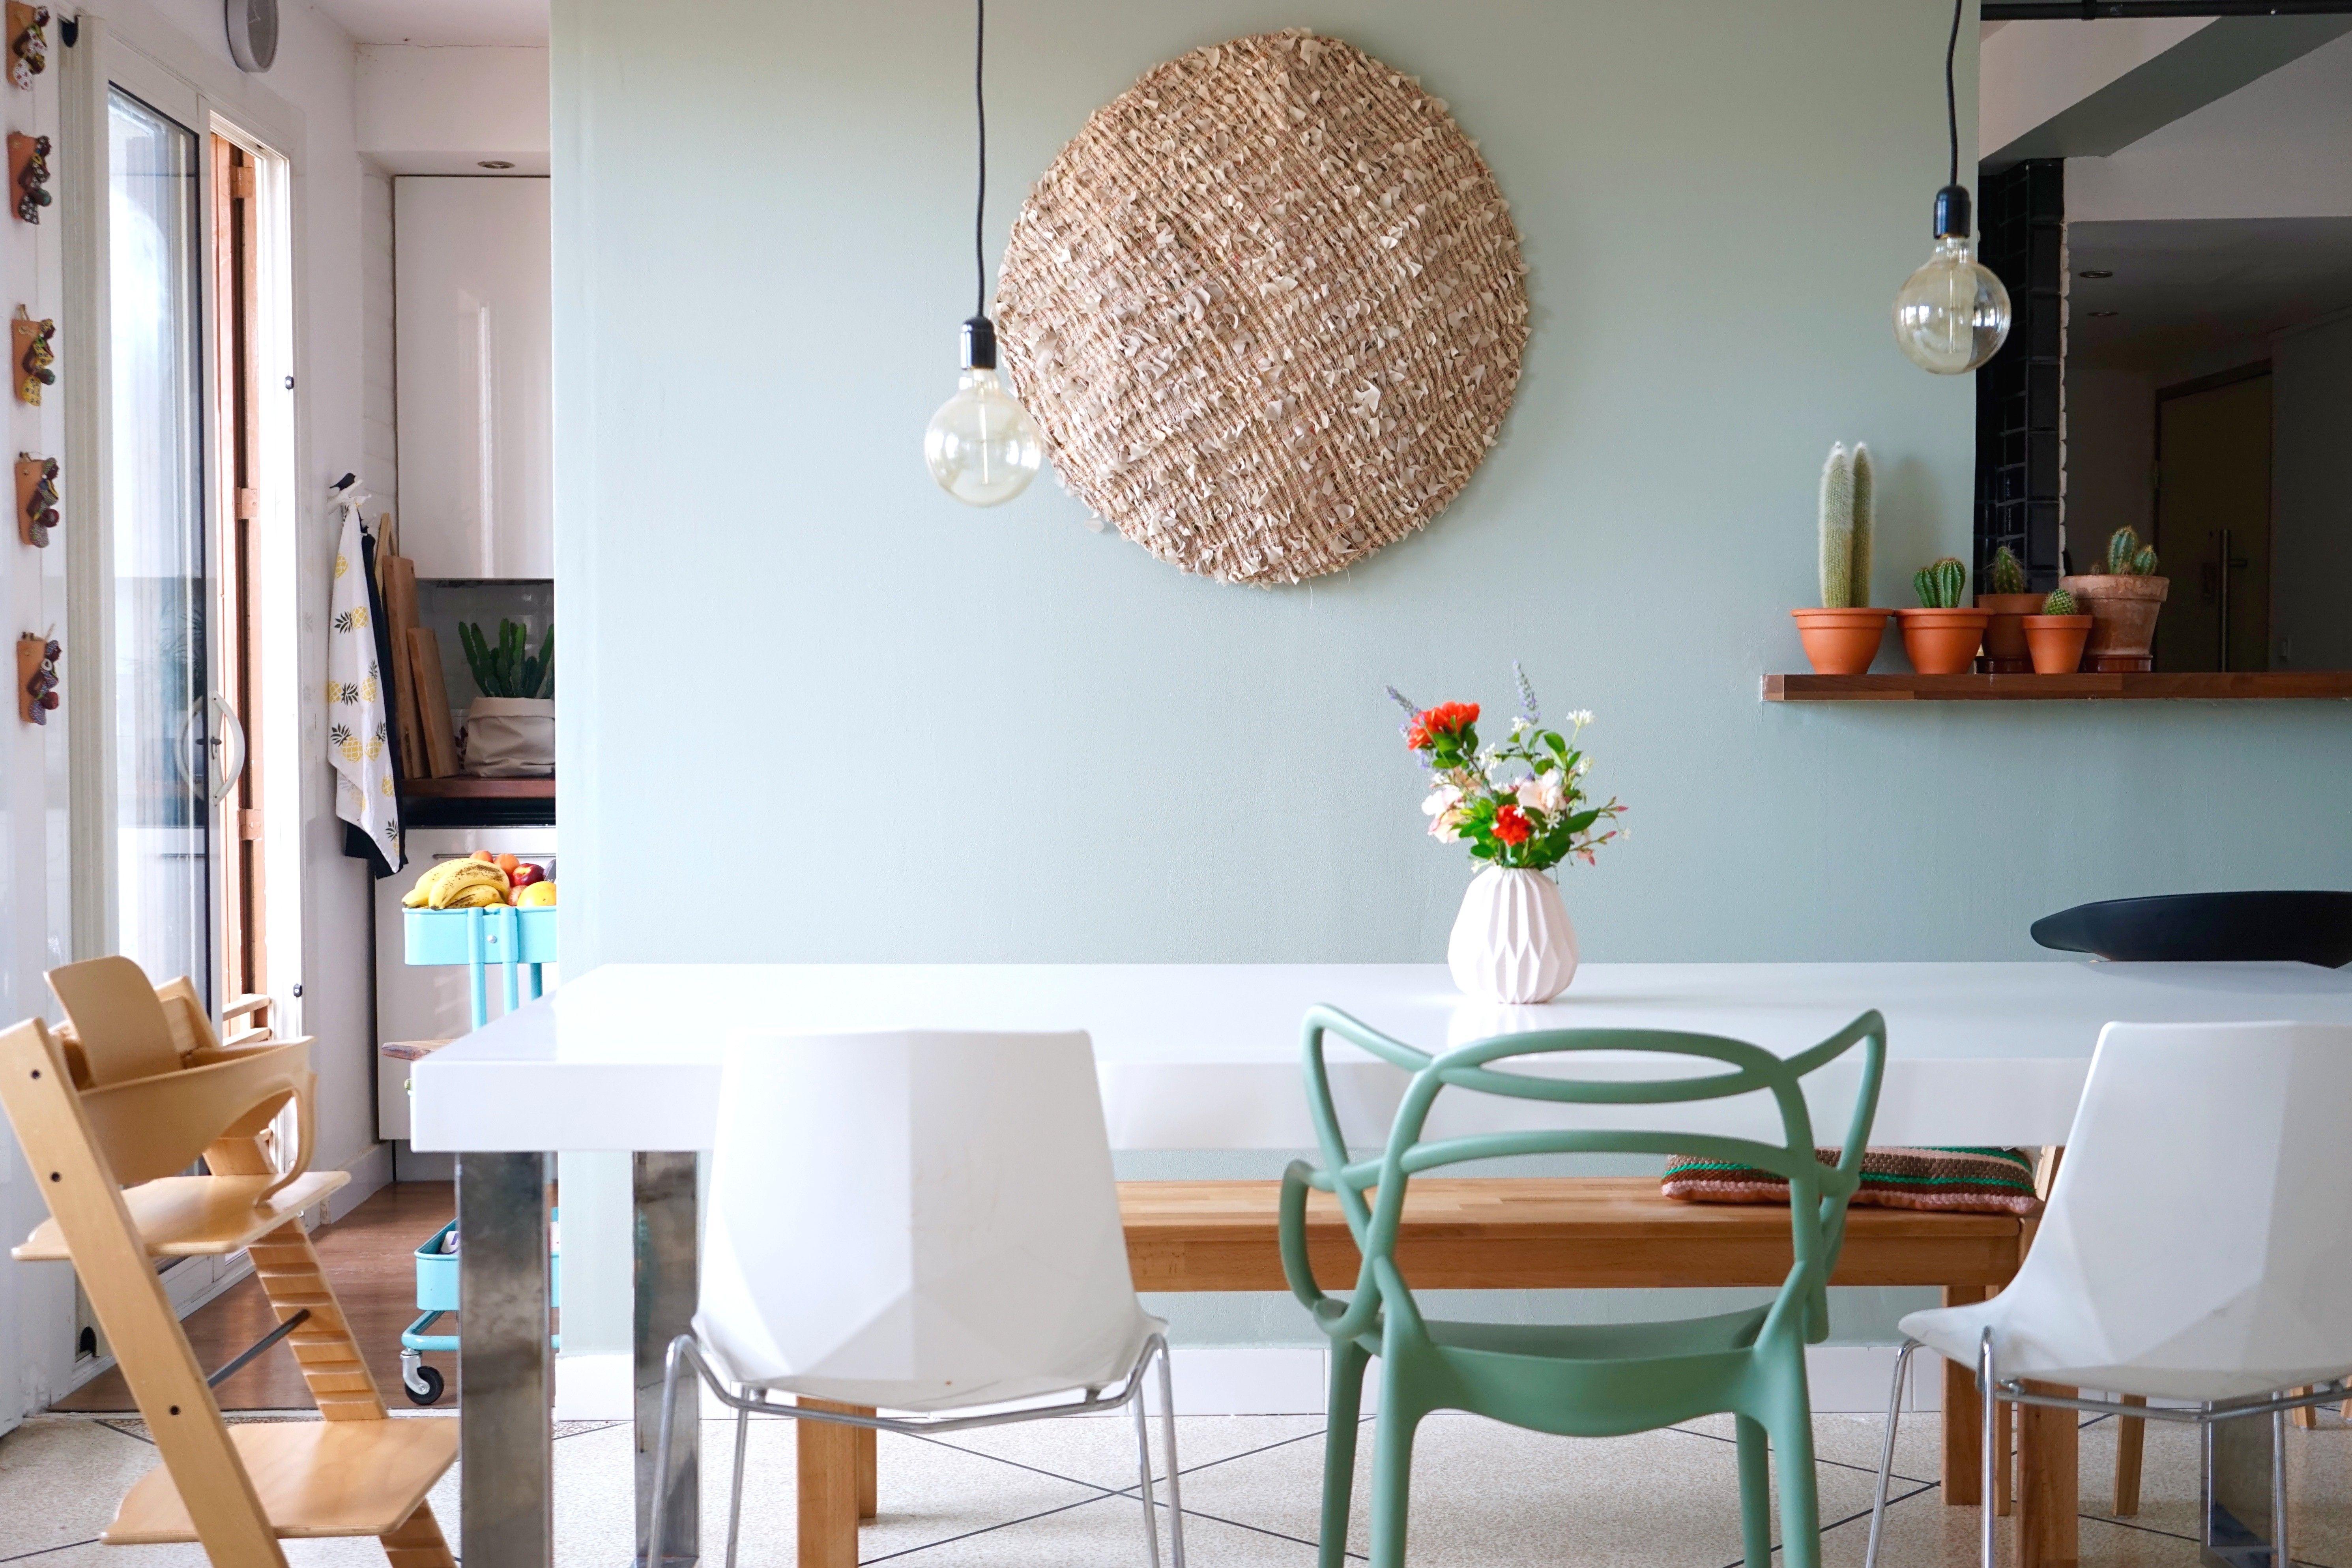 Peinture Gris Bleuté Clair deco bleu salon gris peinture pho blanche mur blanc clair